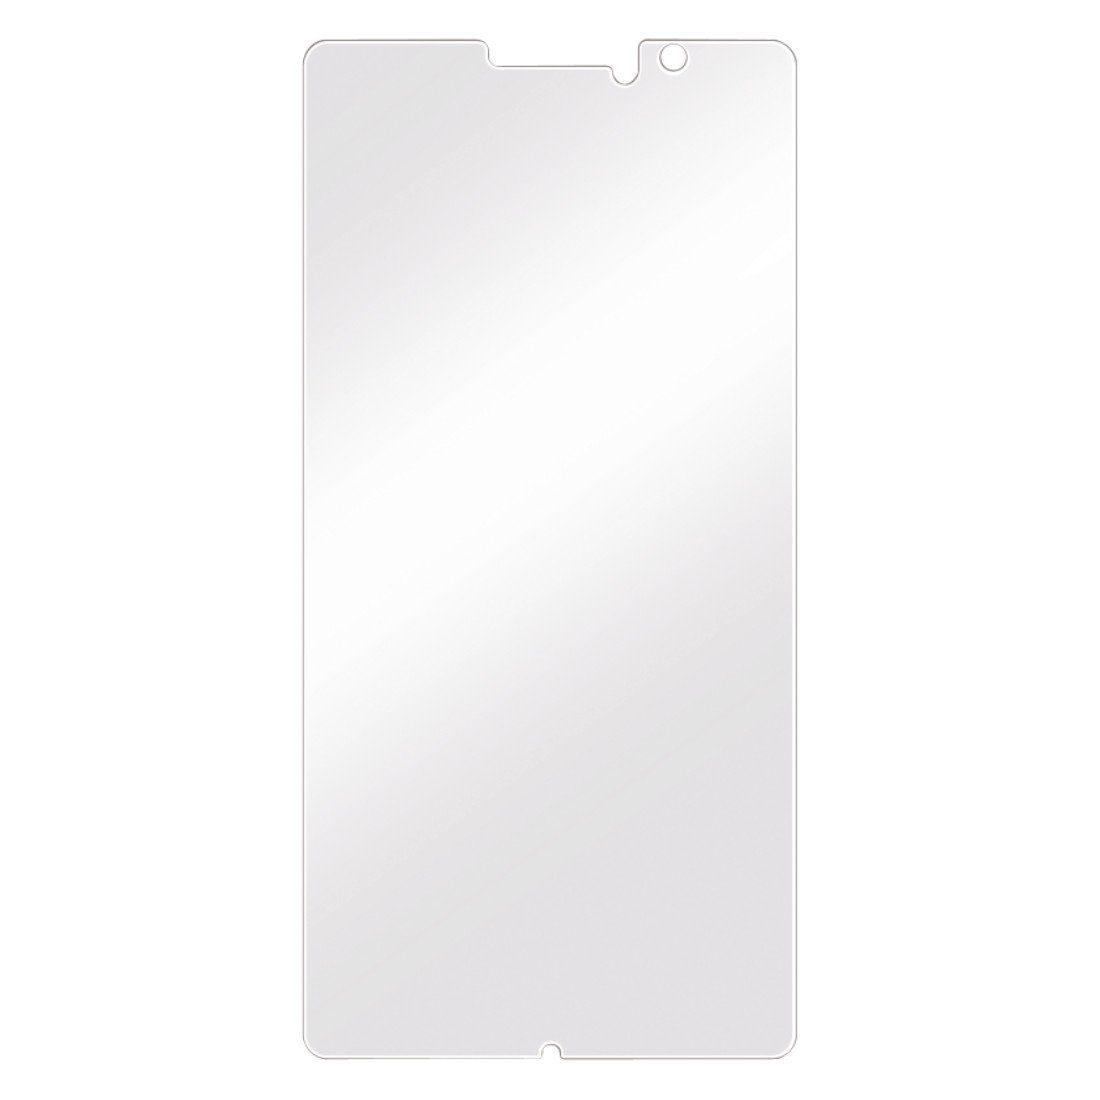 Hama Display-Schutzfolie für Nokia Lumia 830, 2 Stück